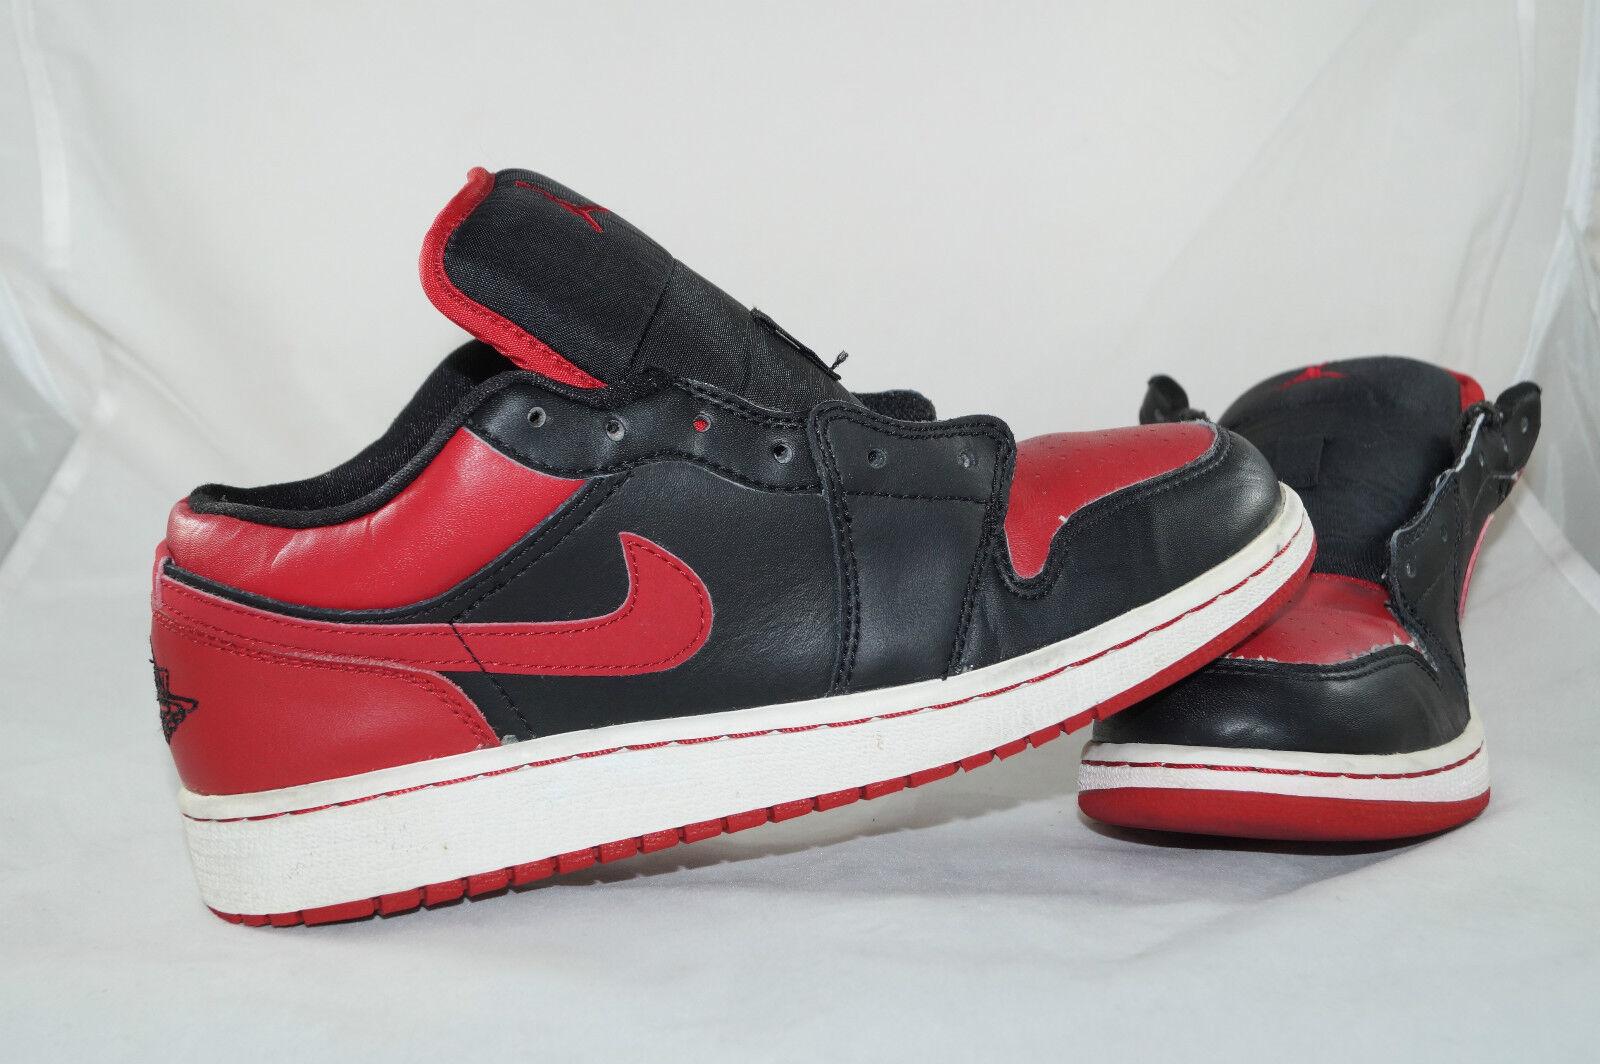 Nike Air Jordan 1 Phat (GS) GR: 38,5 Rouge Rouge Rouge Noir low Basket aa5a45